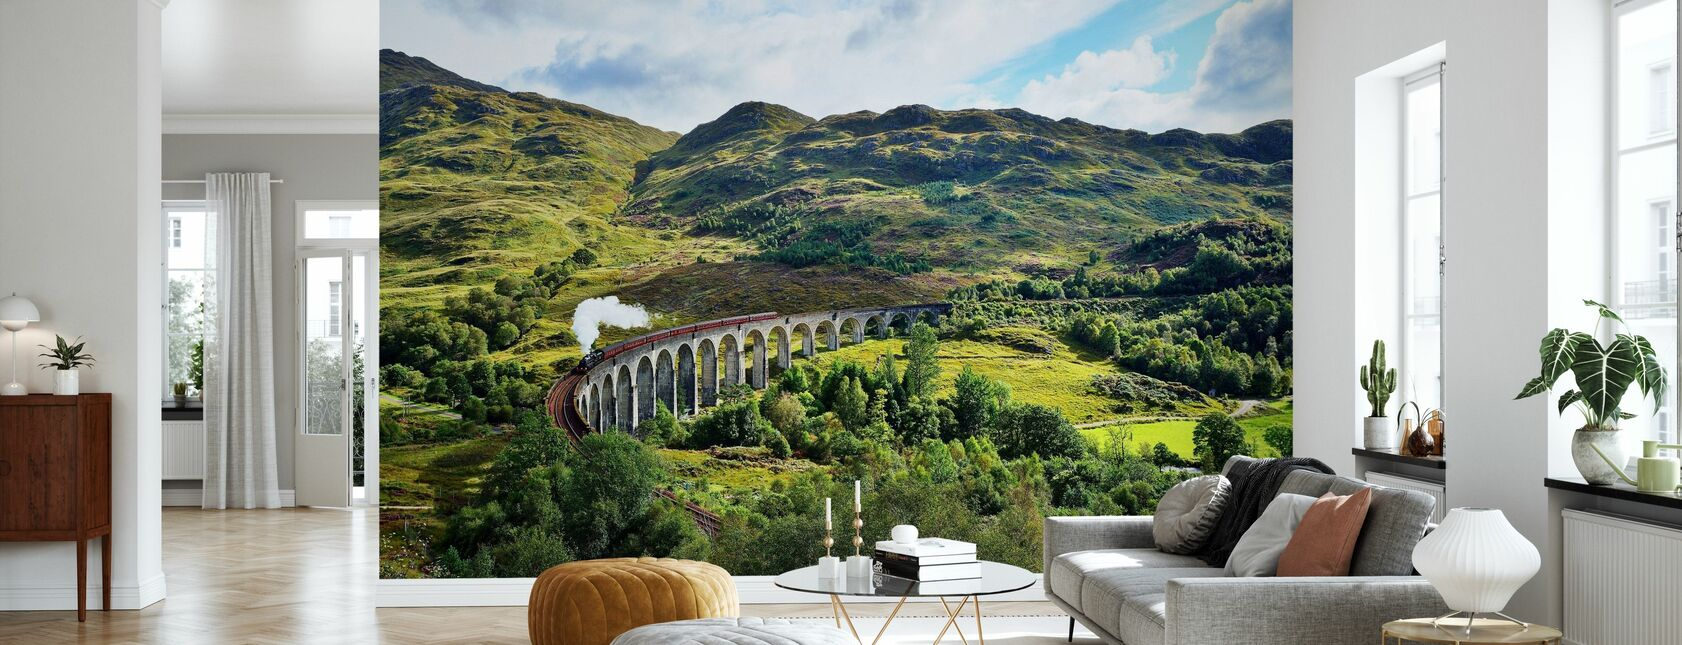 Tog på Skotland Highlands - Tapet - Stue